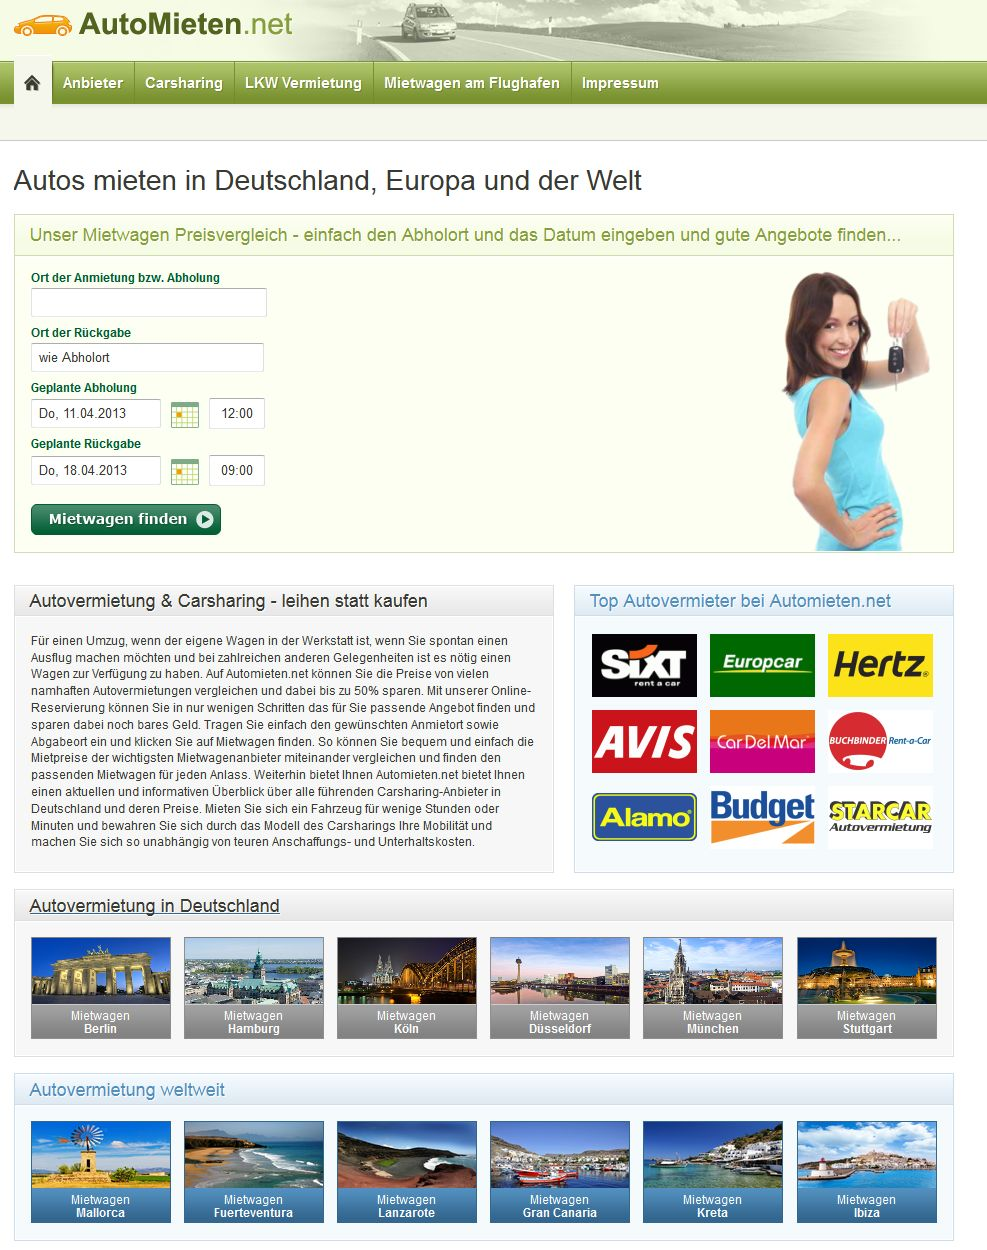 automieten_net